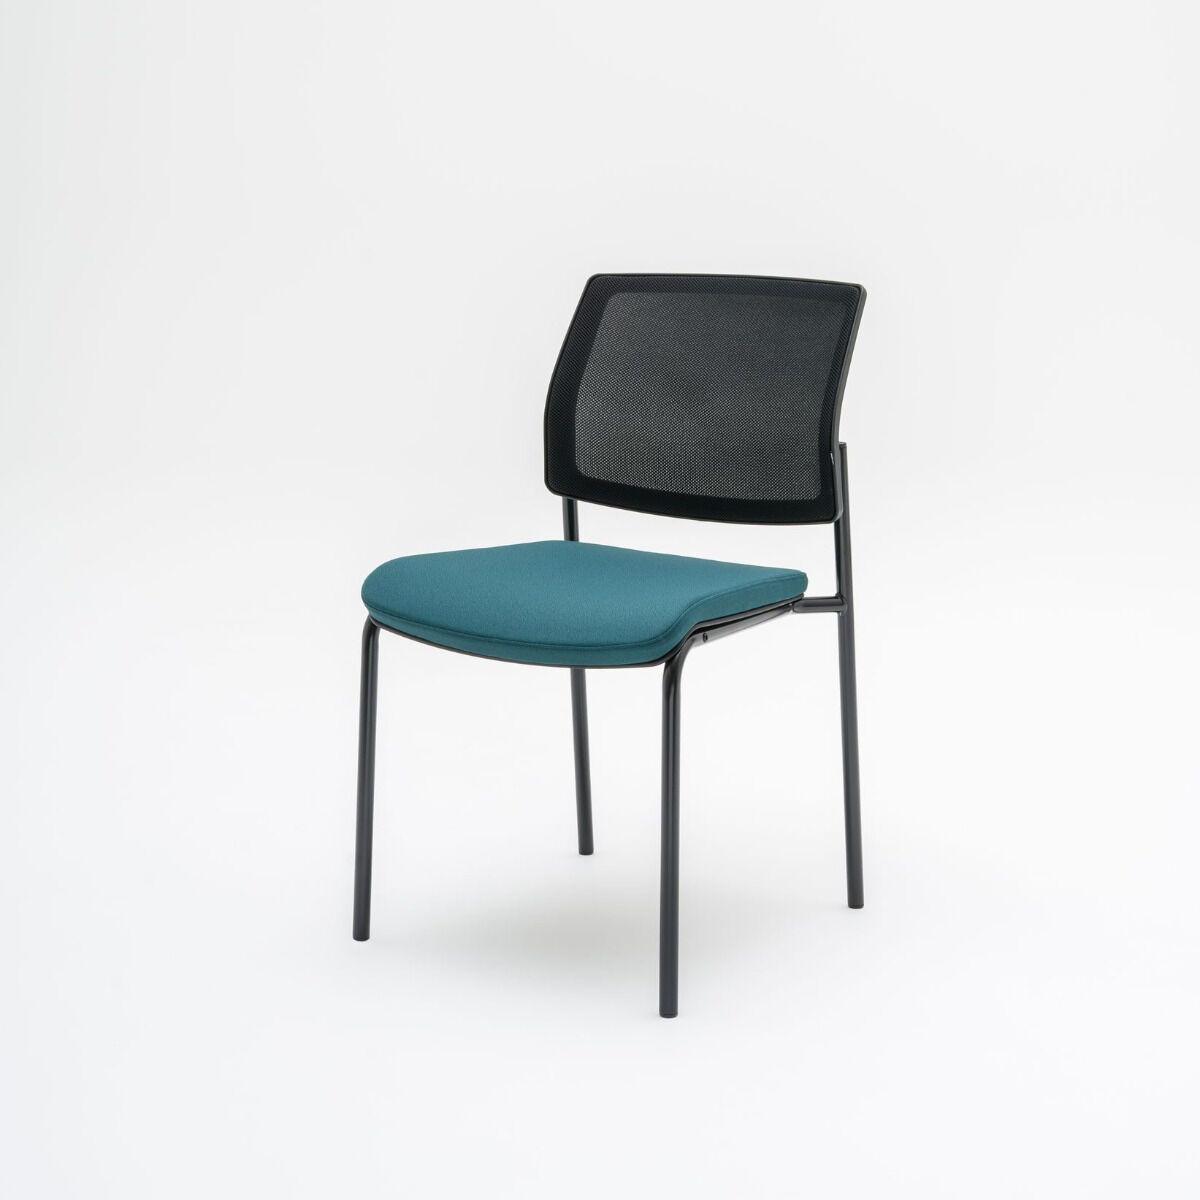 Gaya chair Fabric:  Xtreme, Runner Colour:  Xr160, R60999 Base colour:  M115